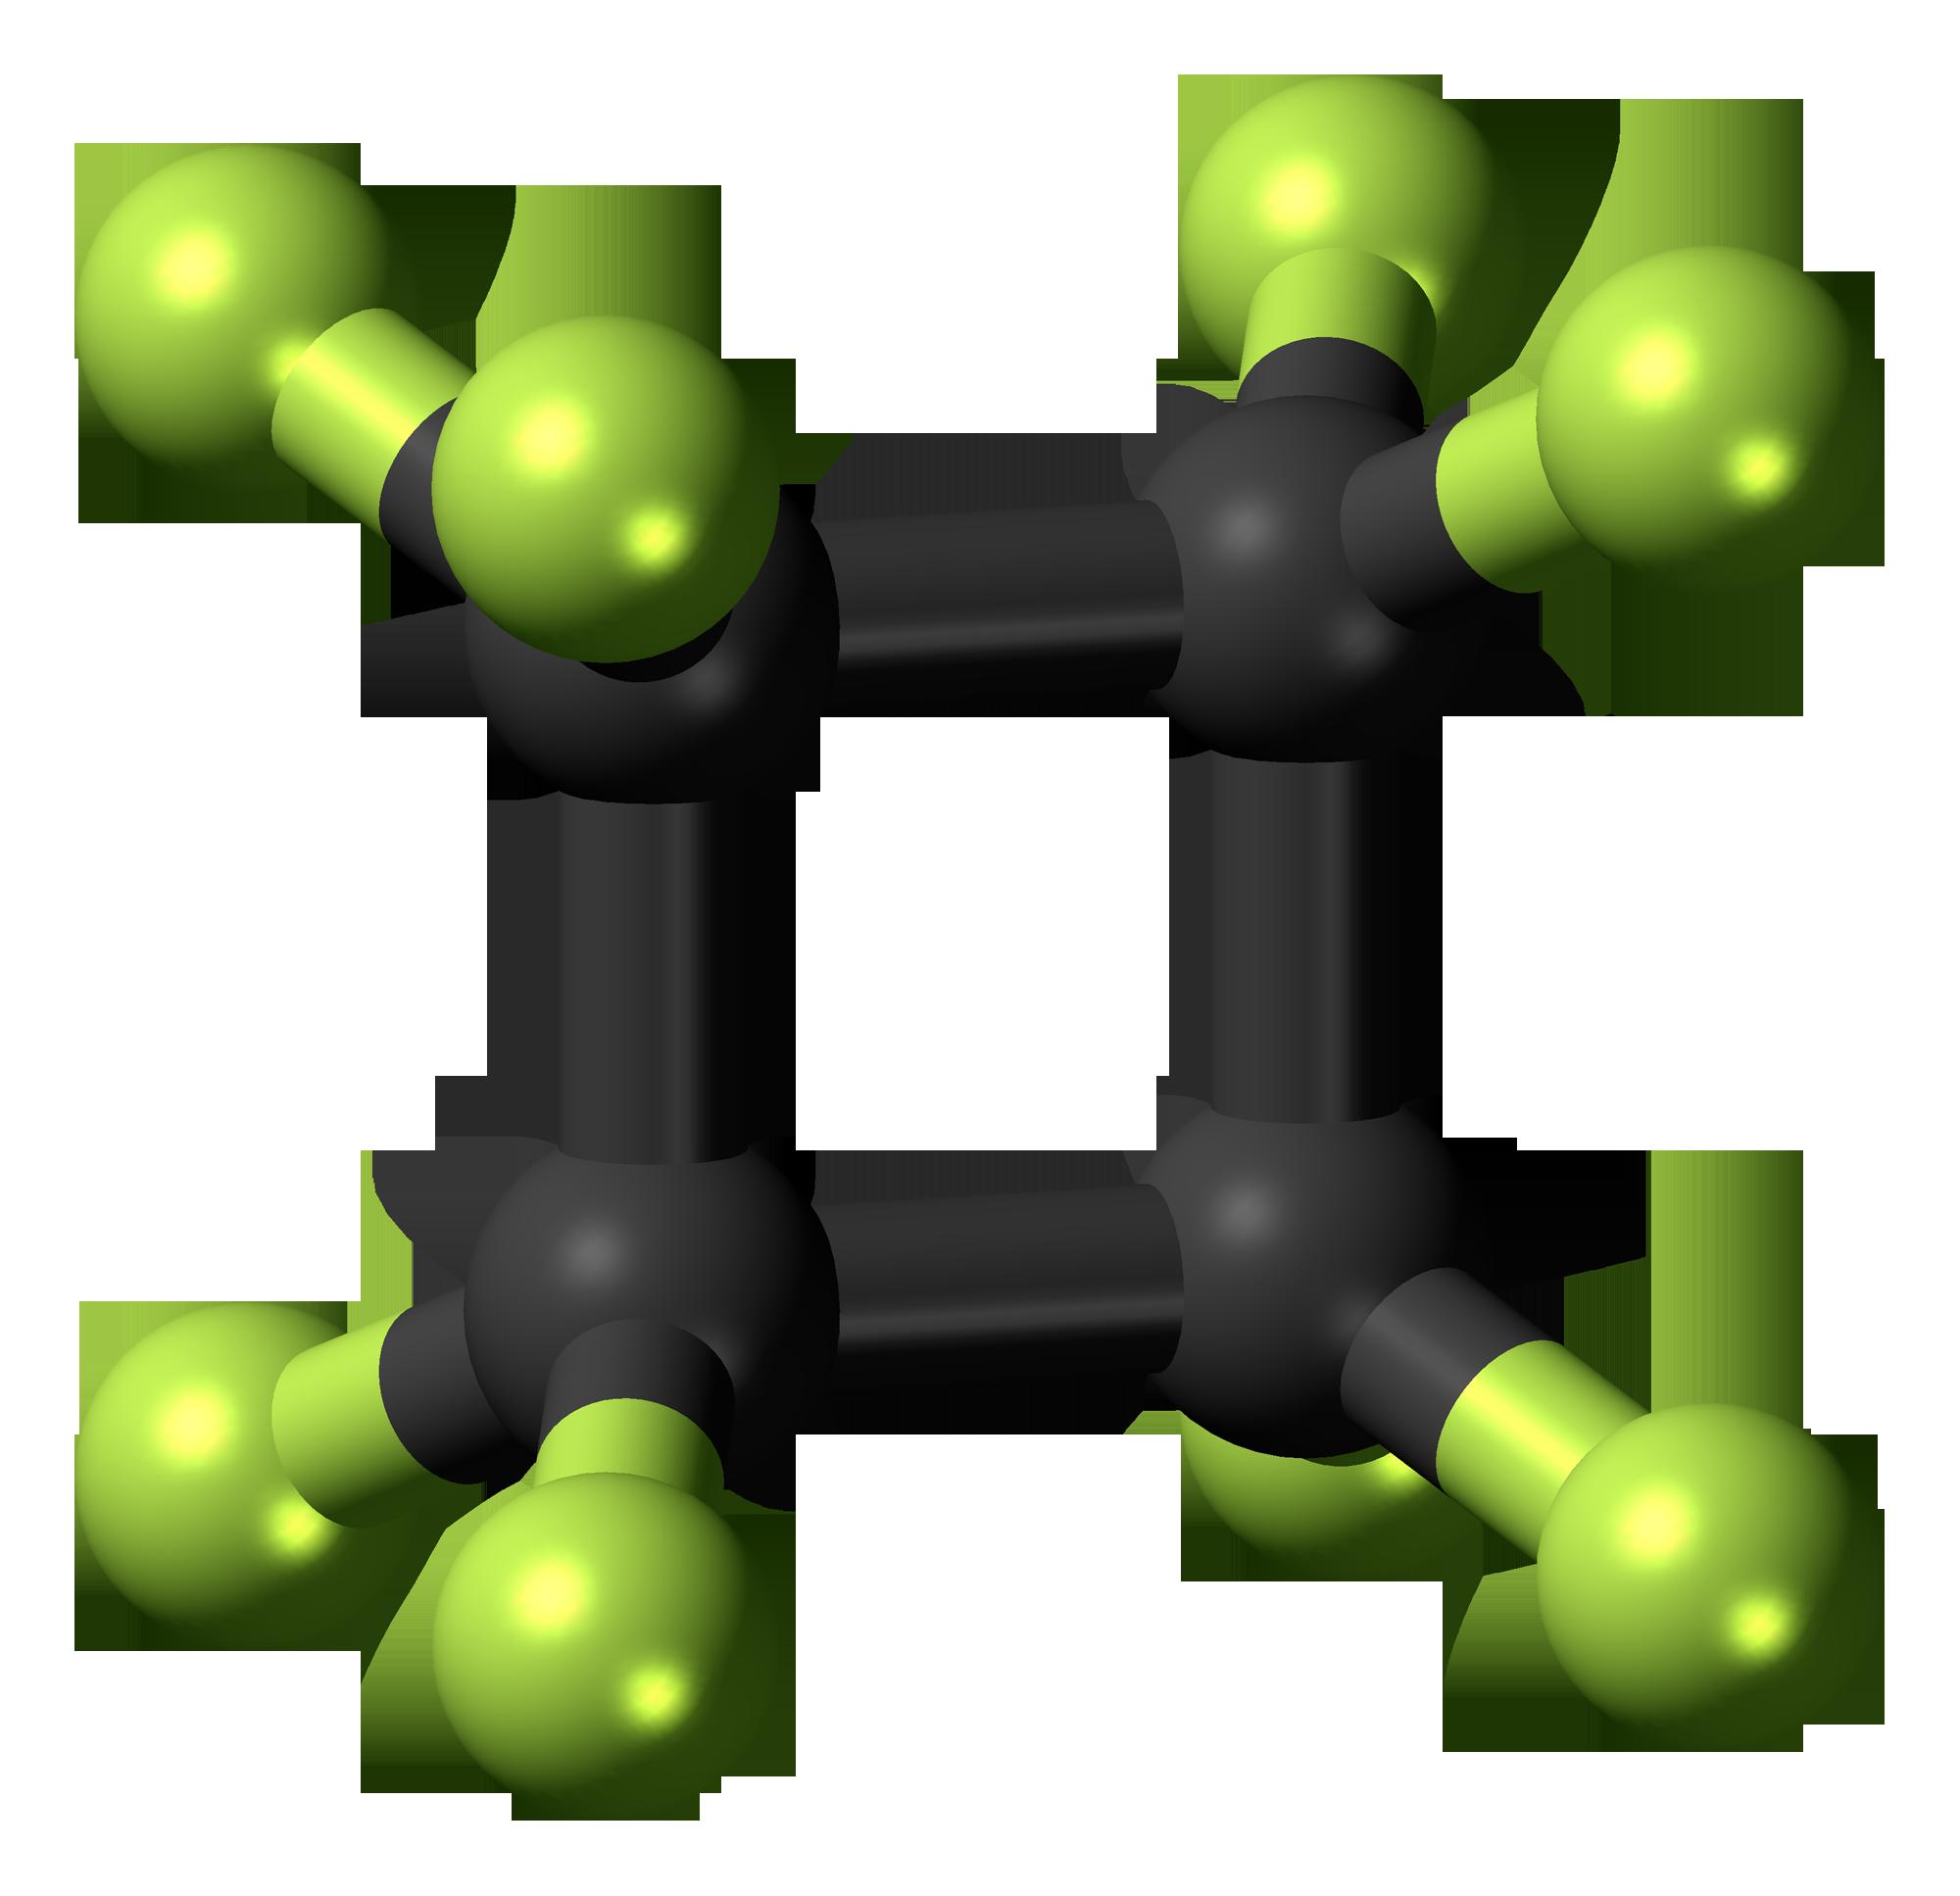 Octafluorocyclobutane 4.0